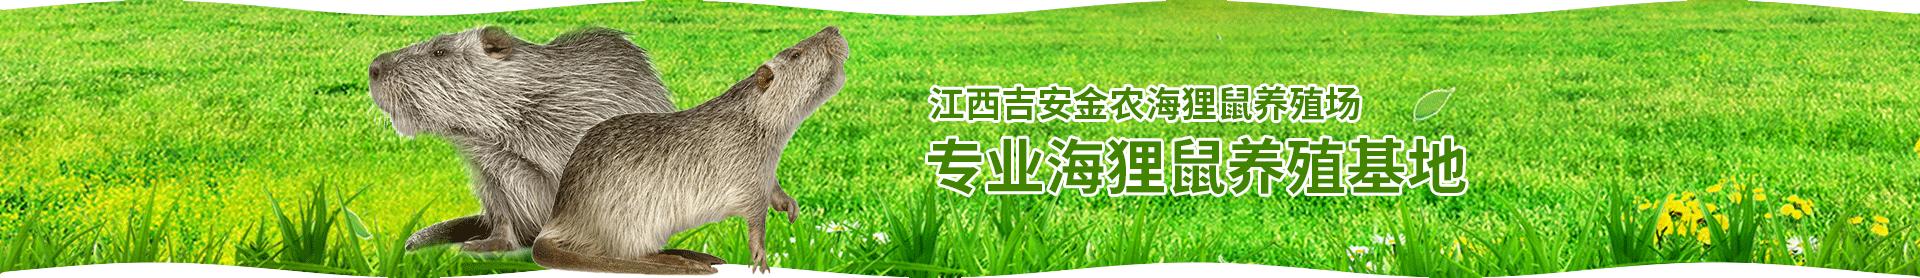 海狸鼠一般吃什么呢?海狸鼠的饮食习惯